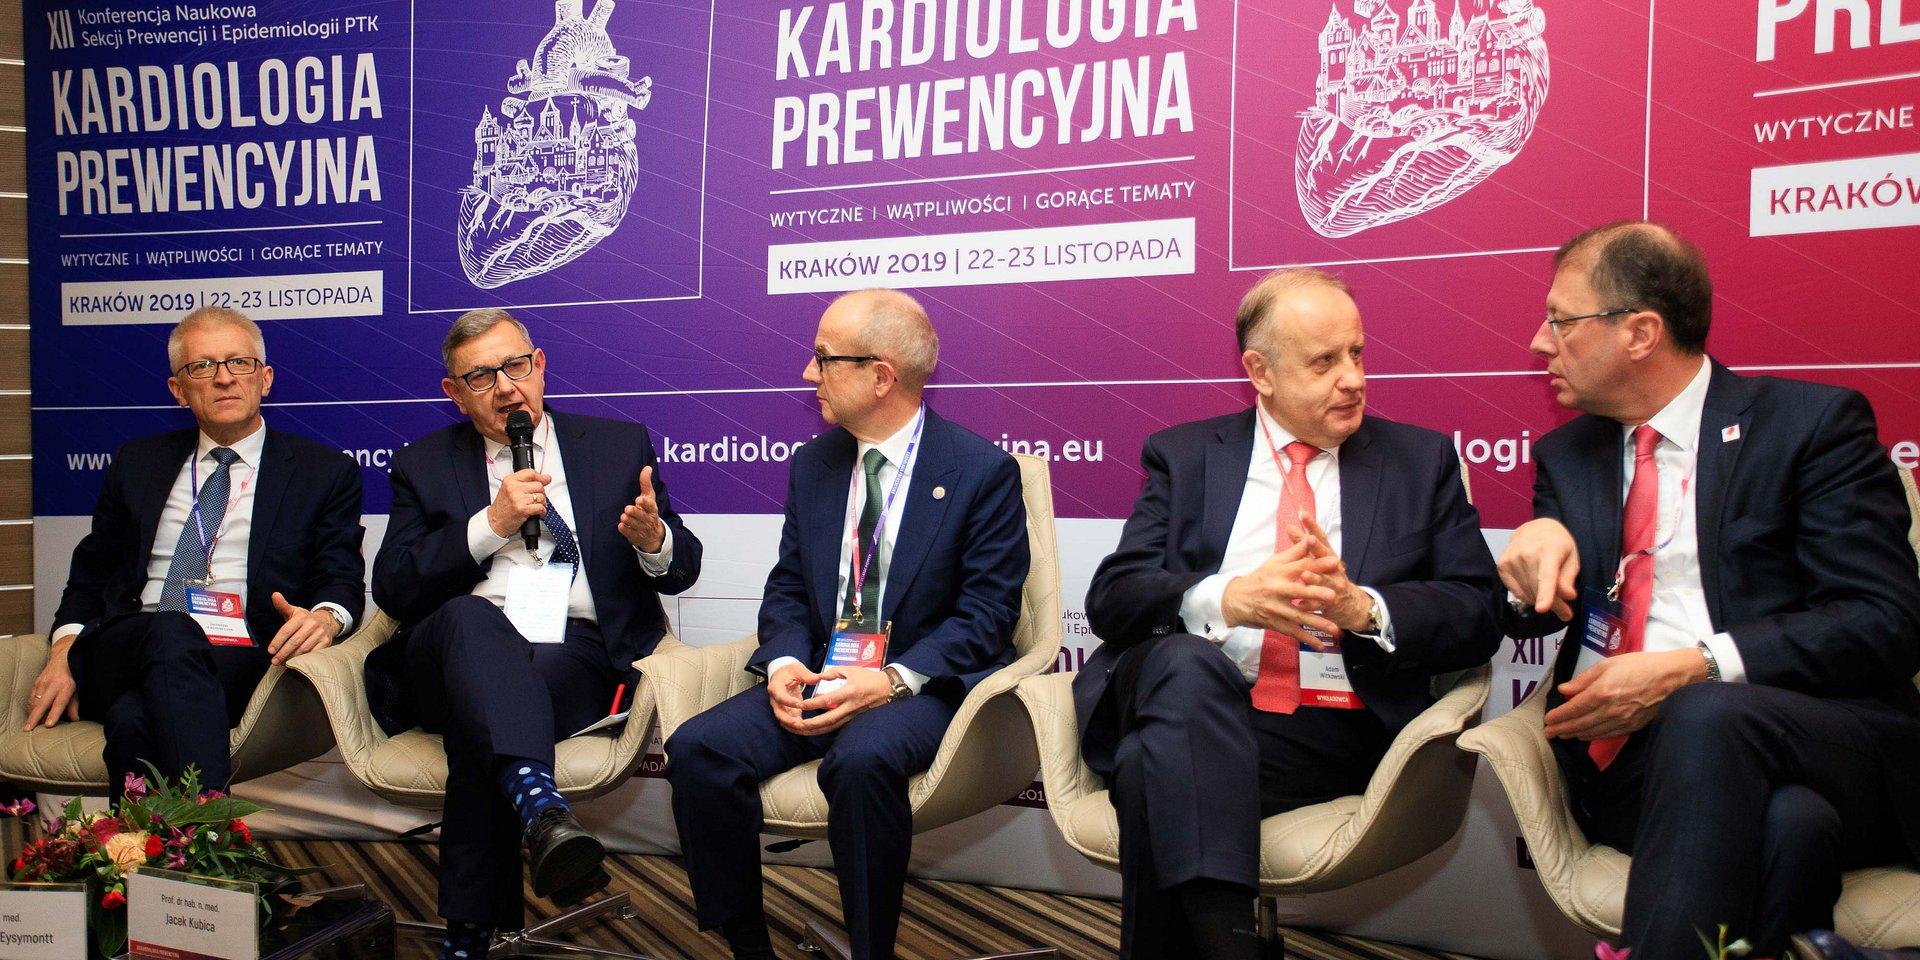 Wyzwania współczesnej kardiologii